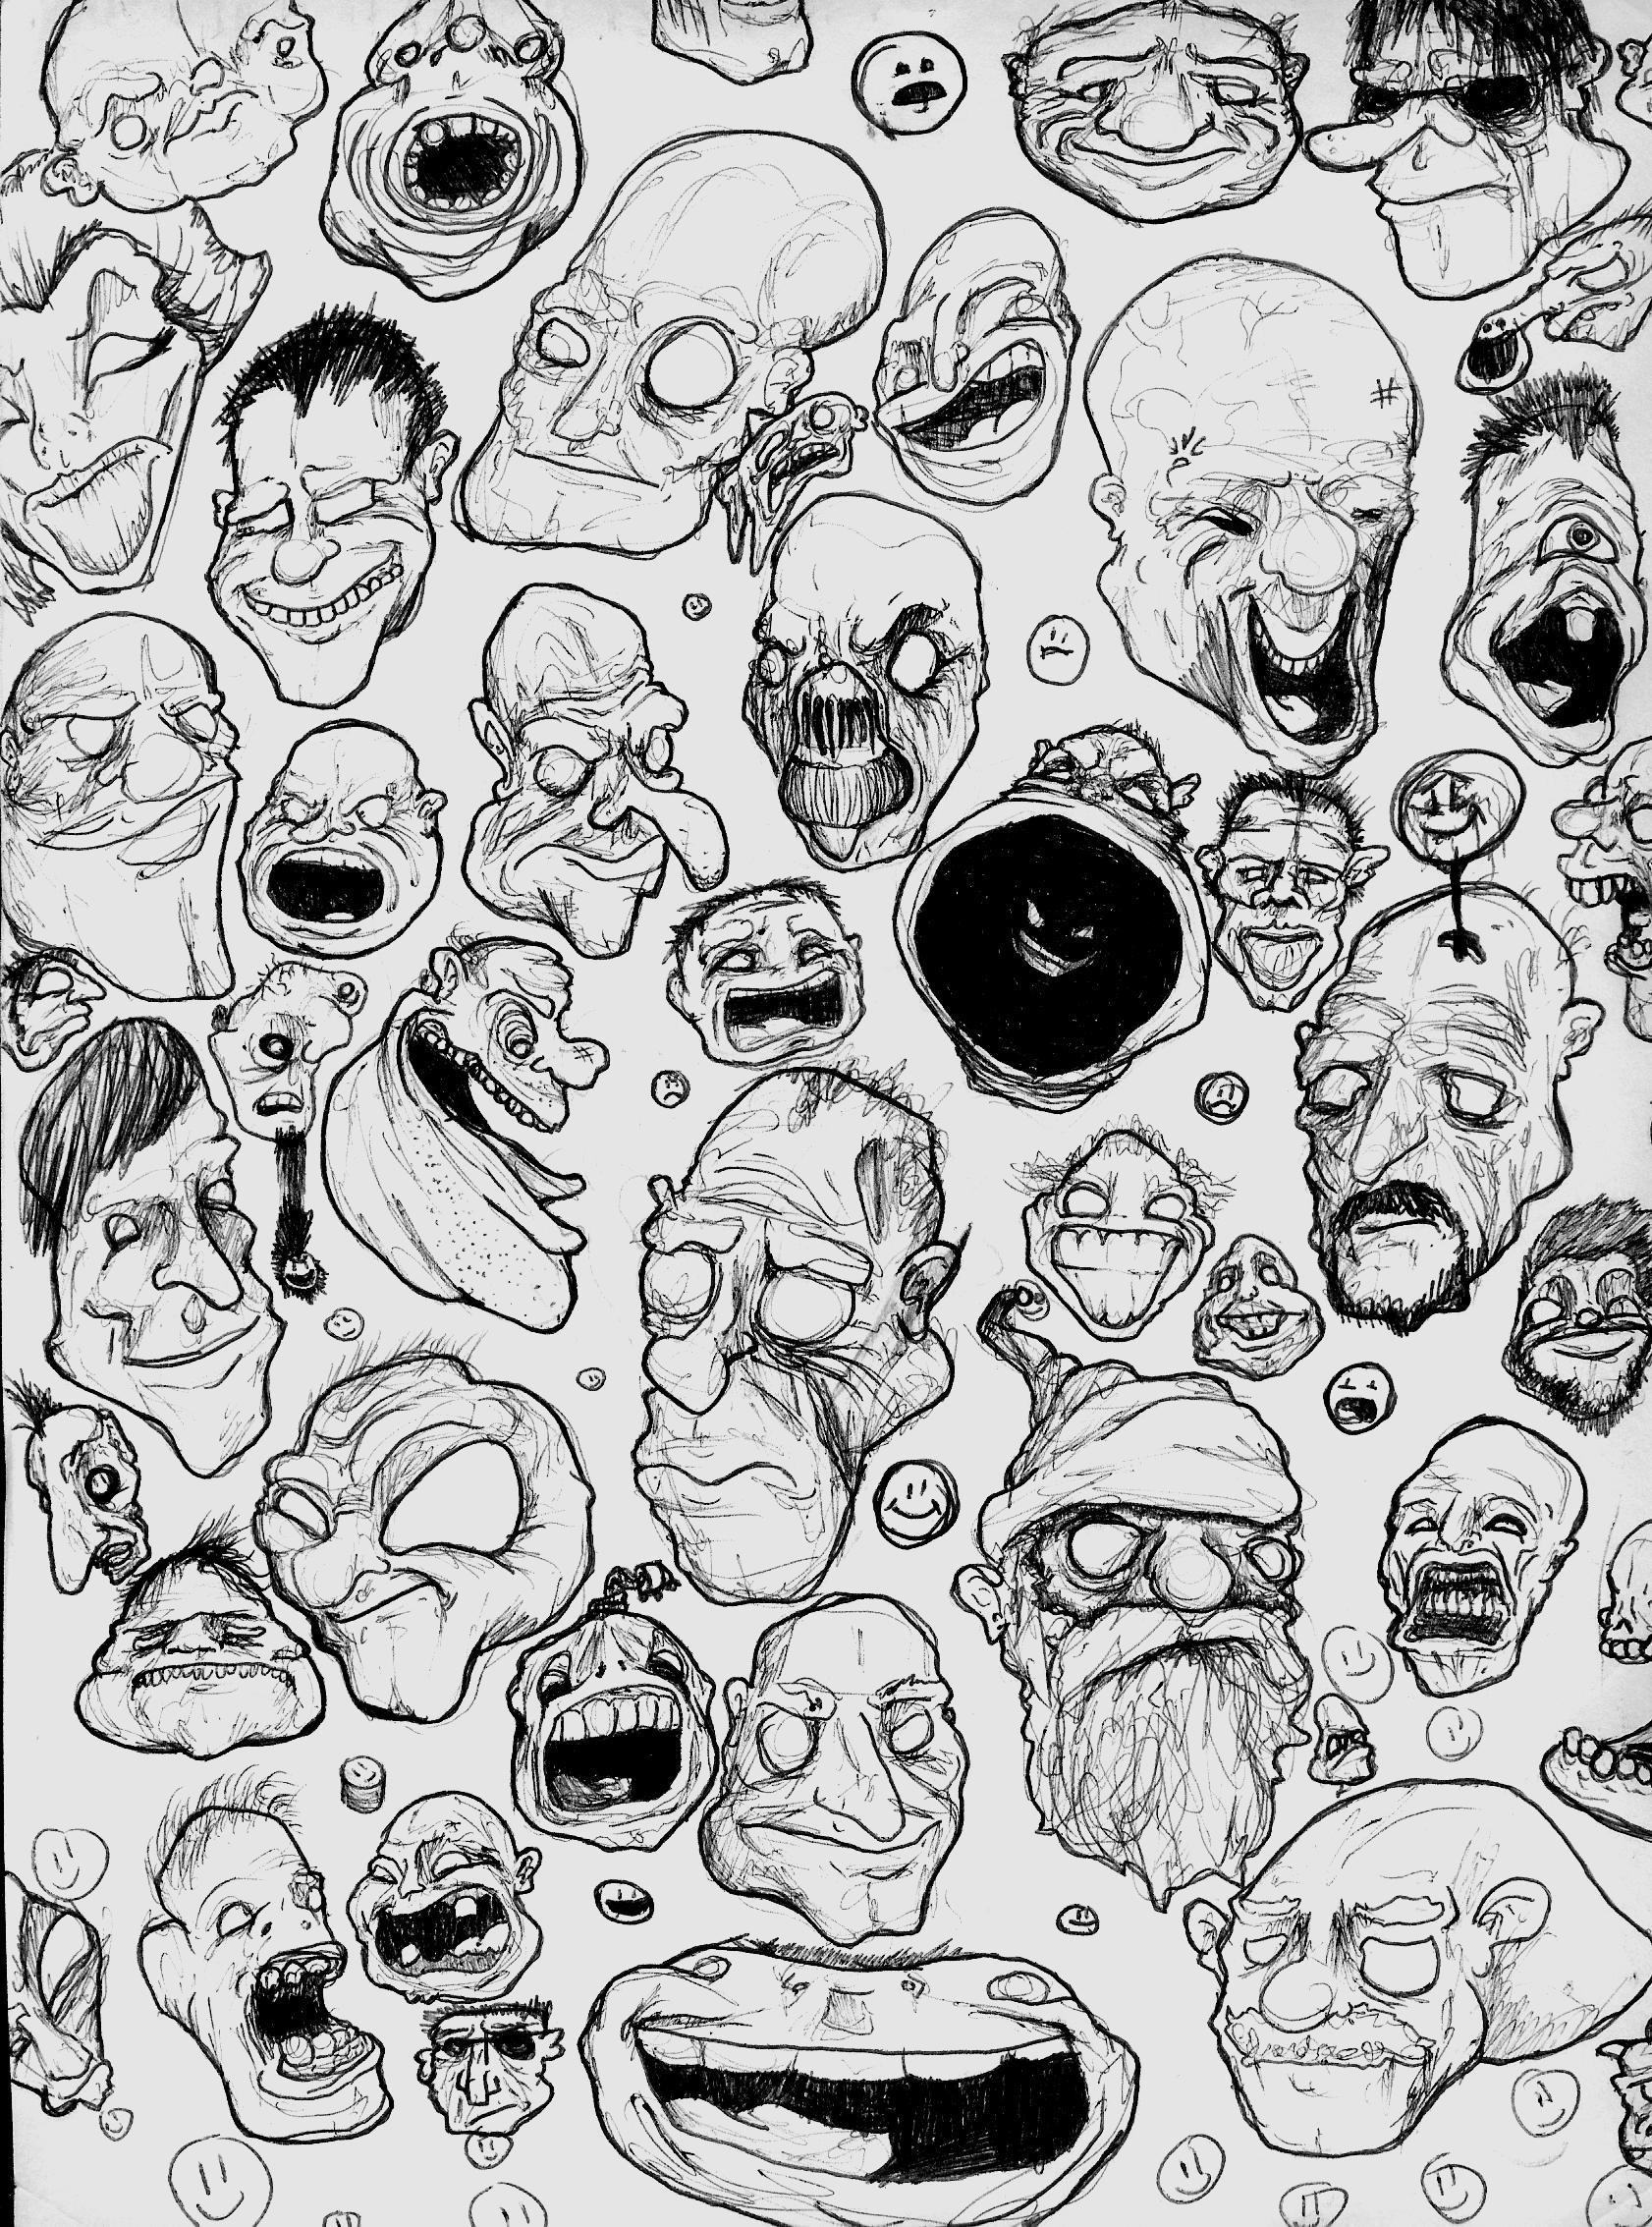 Lots O' Faces